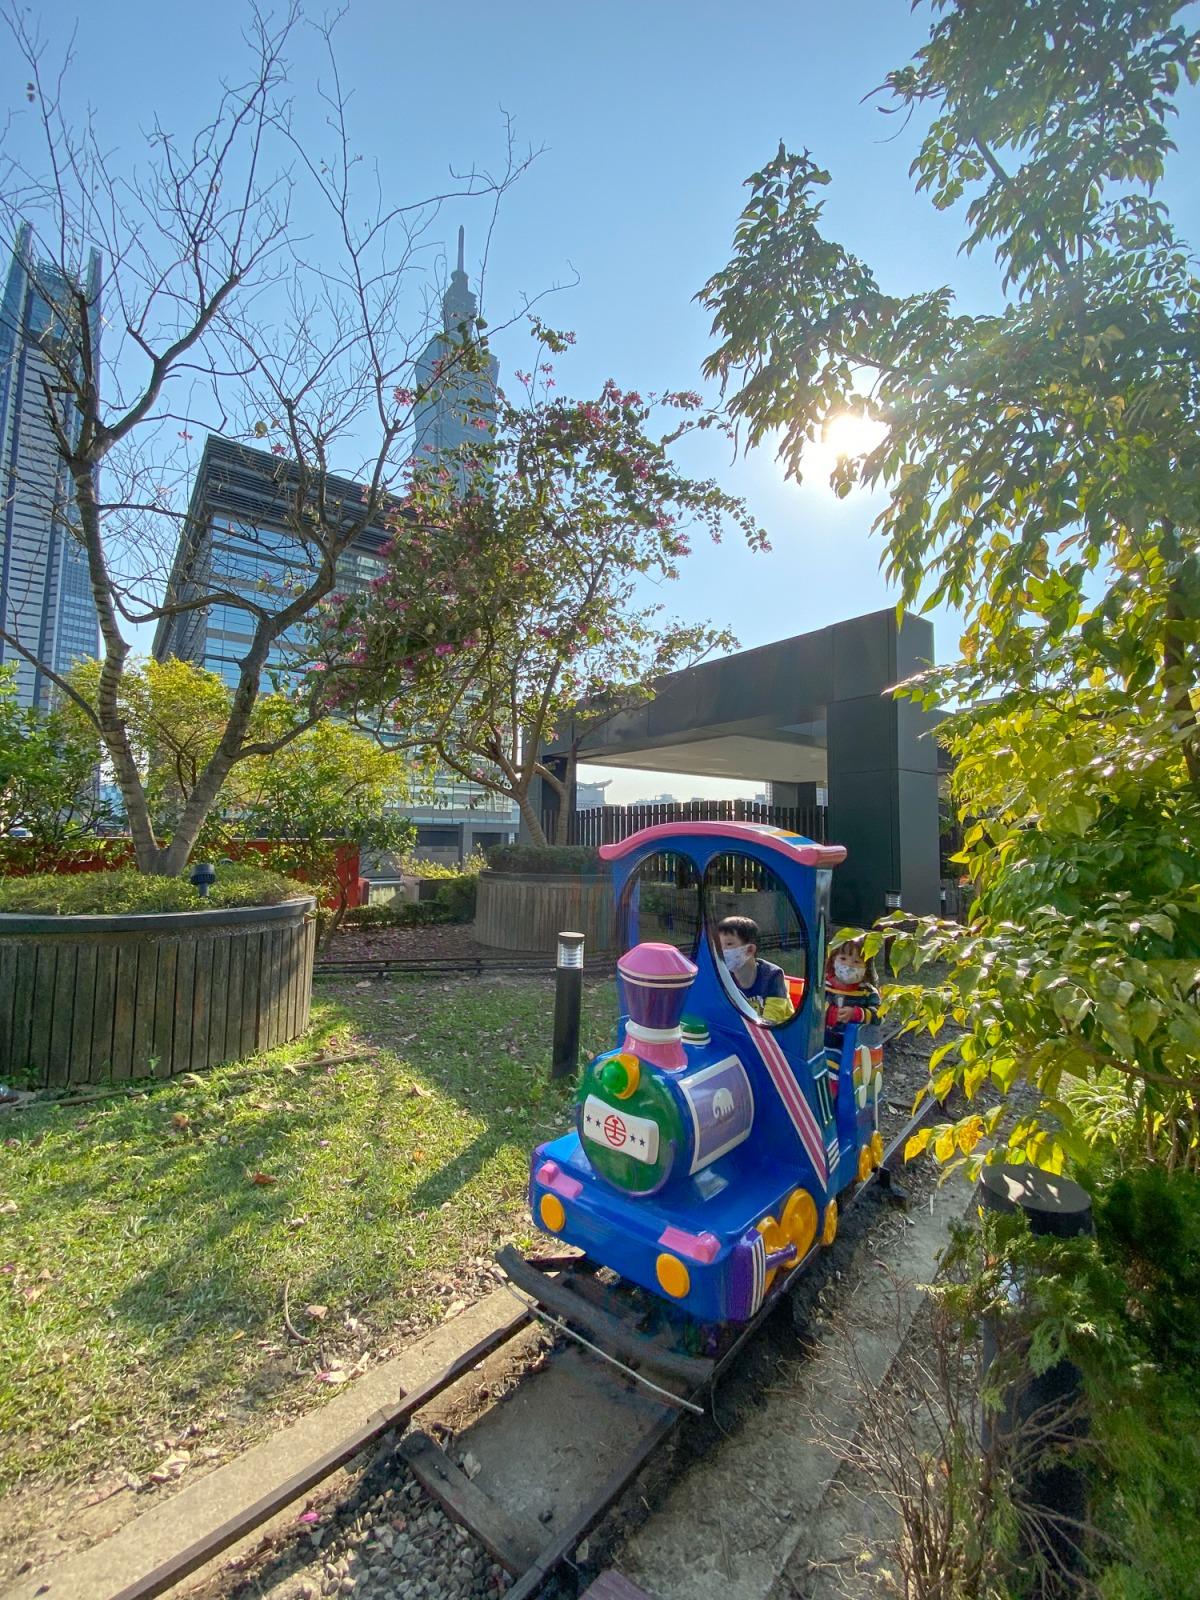 信義區親子景點》免門票親子景點!新光三越A8兒童區,和101拍照絕佳位置,好玩的玩沙區溜滑梯小火車碰碰車~